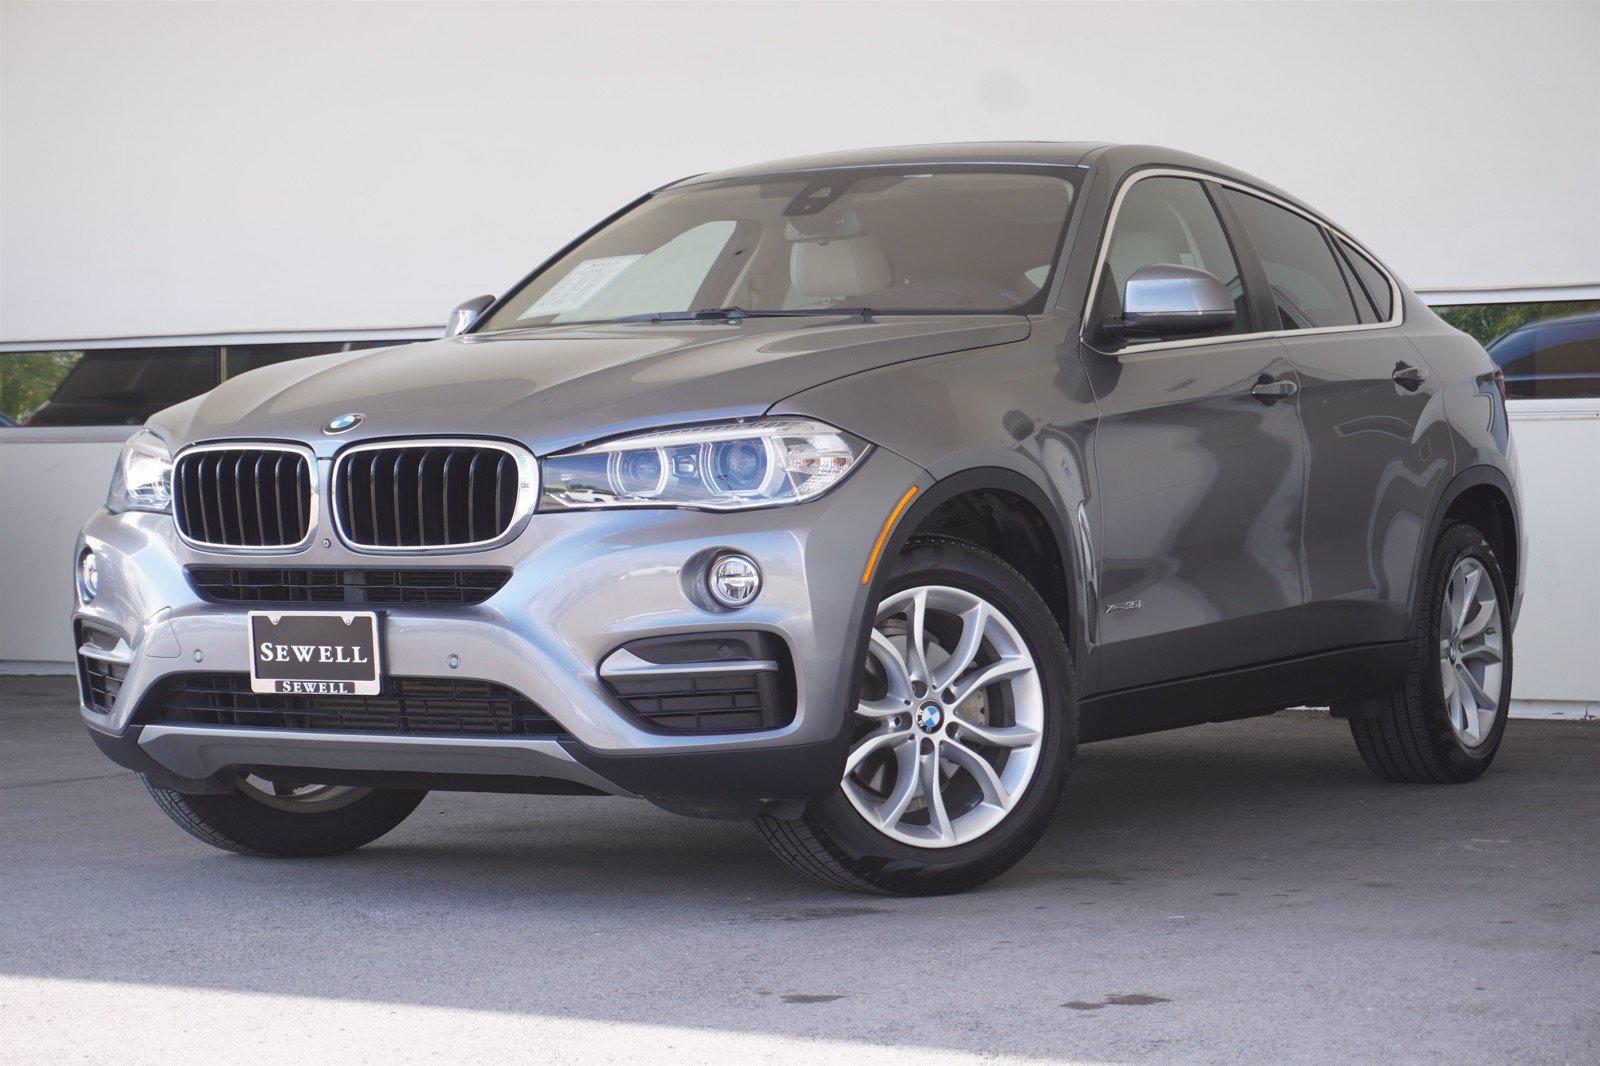 2015 BMW X6 xDrive35i Vehicle Photo in Grapevine, TX 76051